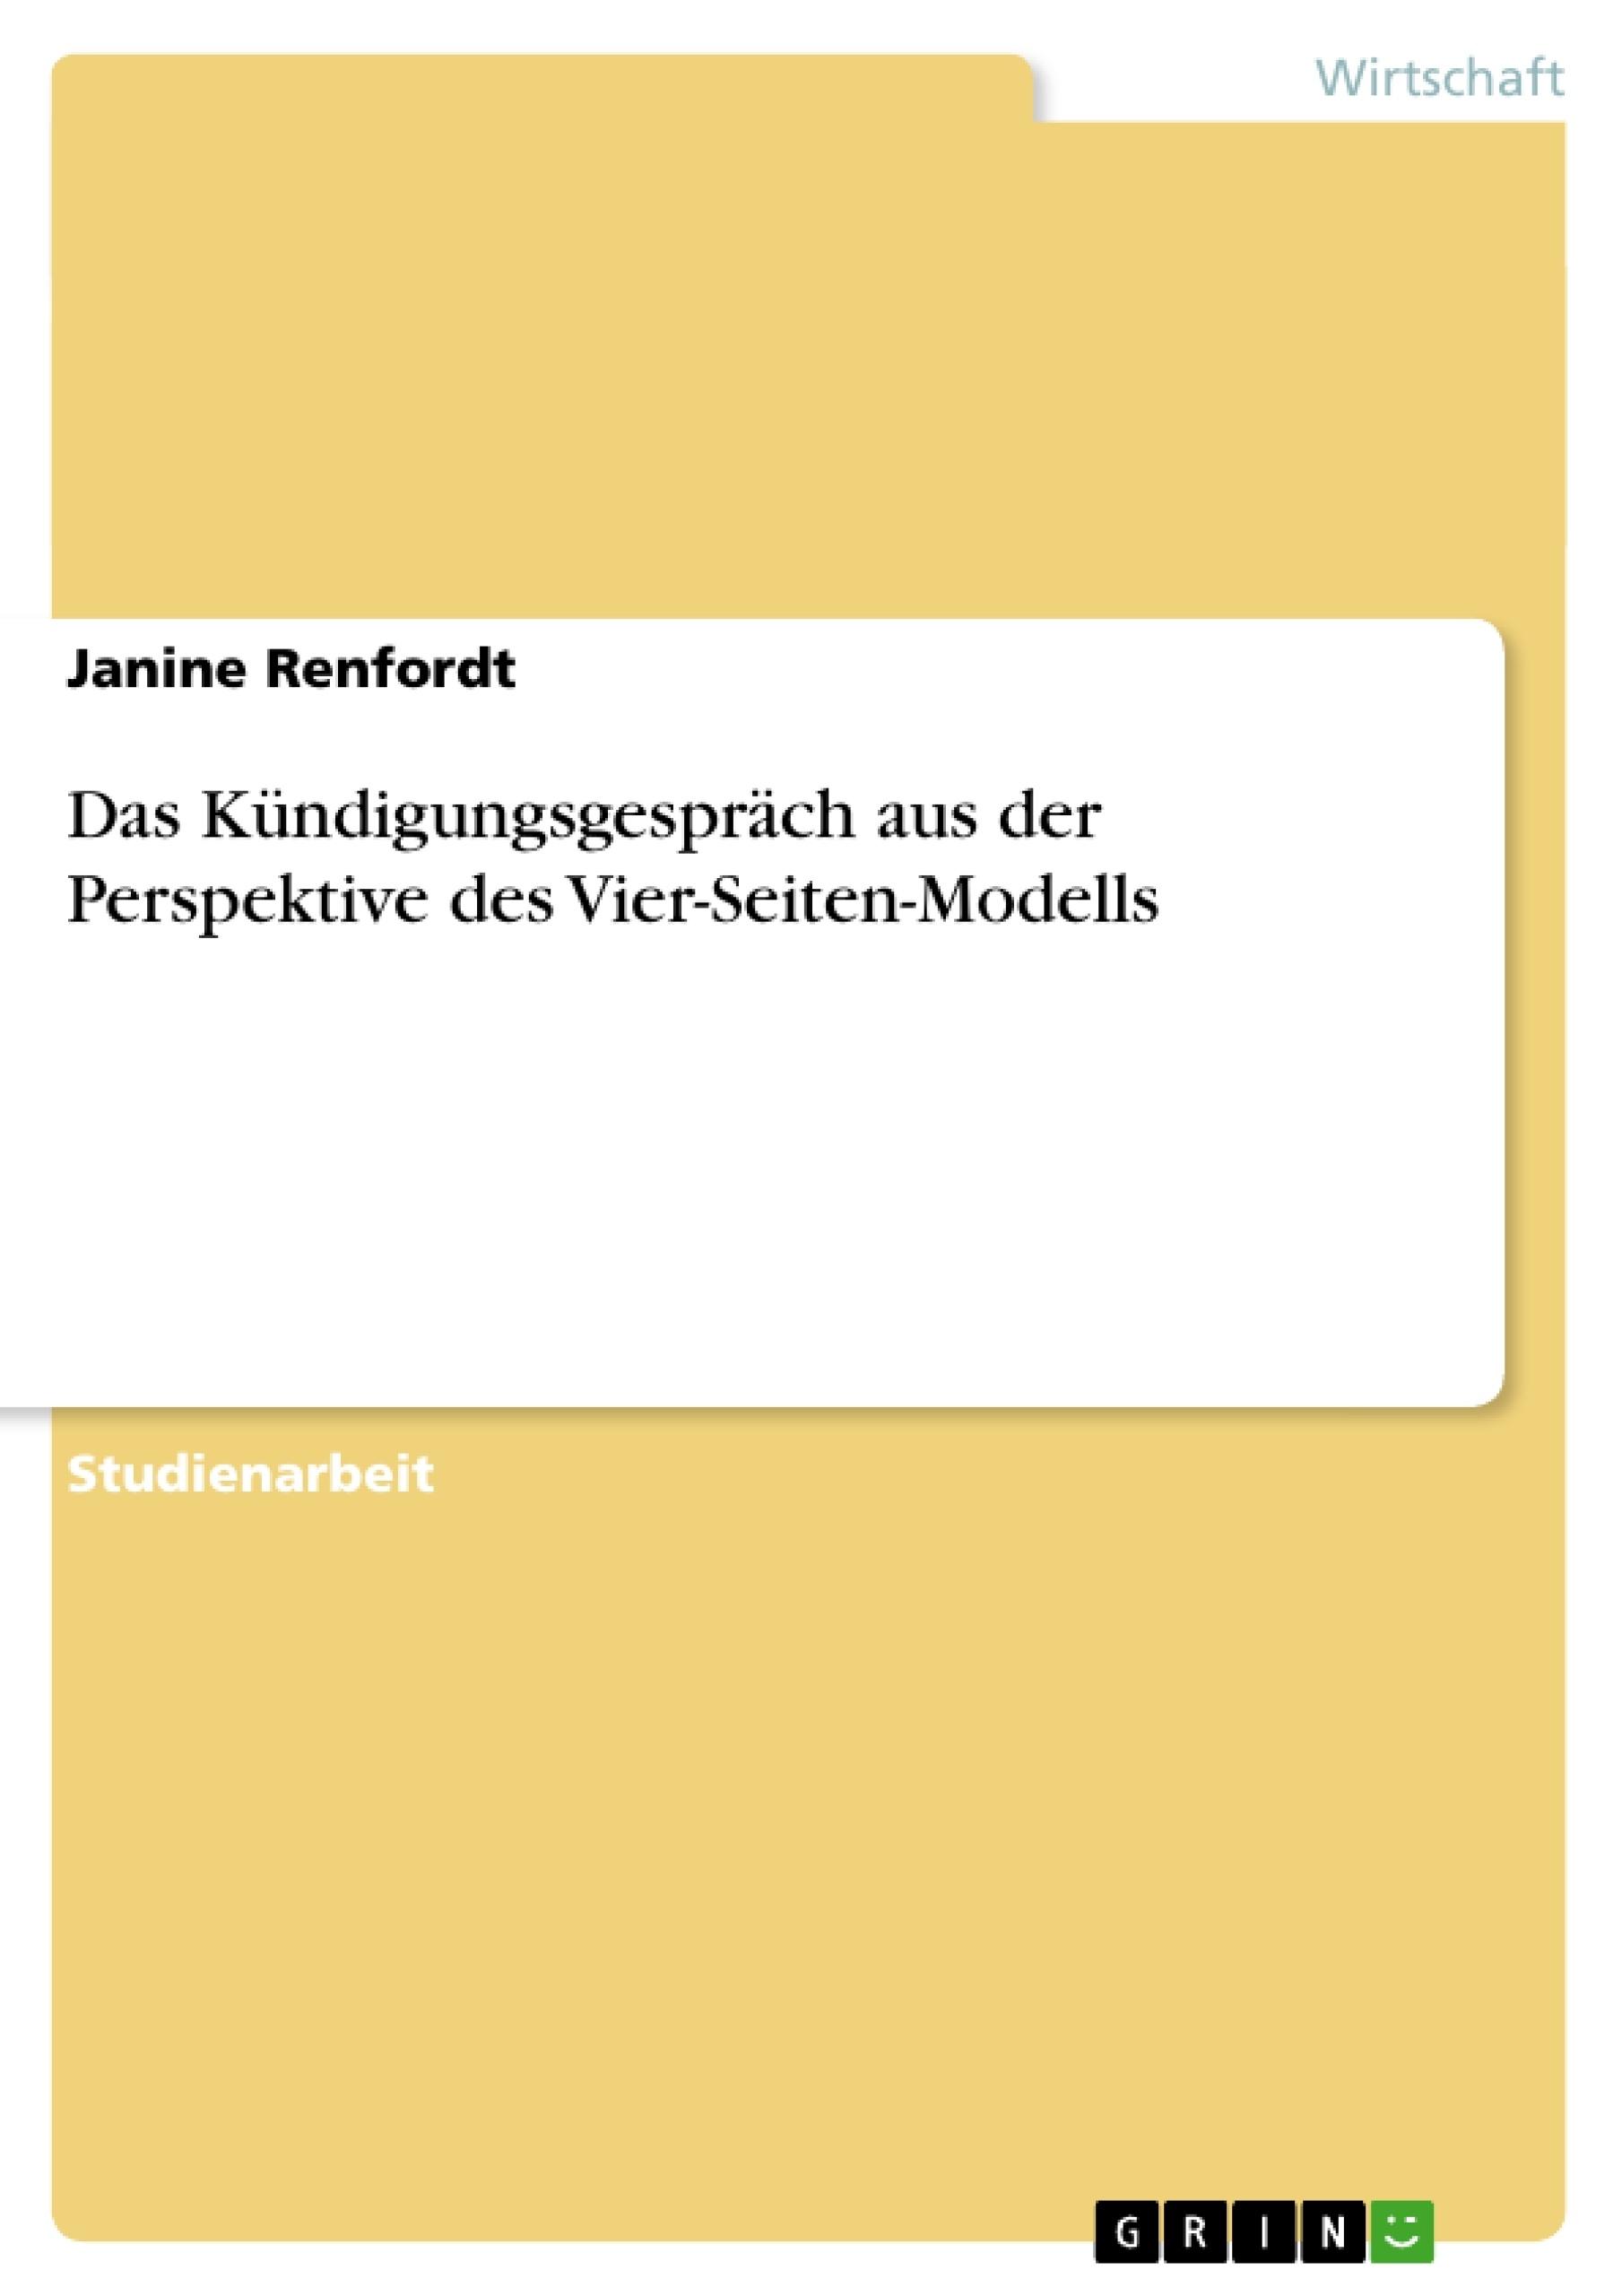 Titel: Das Kündigungsgespräch aus der Perspektive des Vier-Seiten-Modells